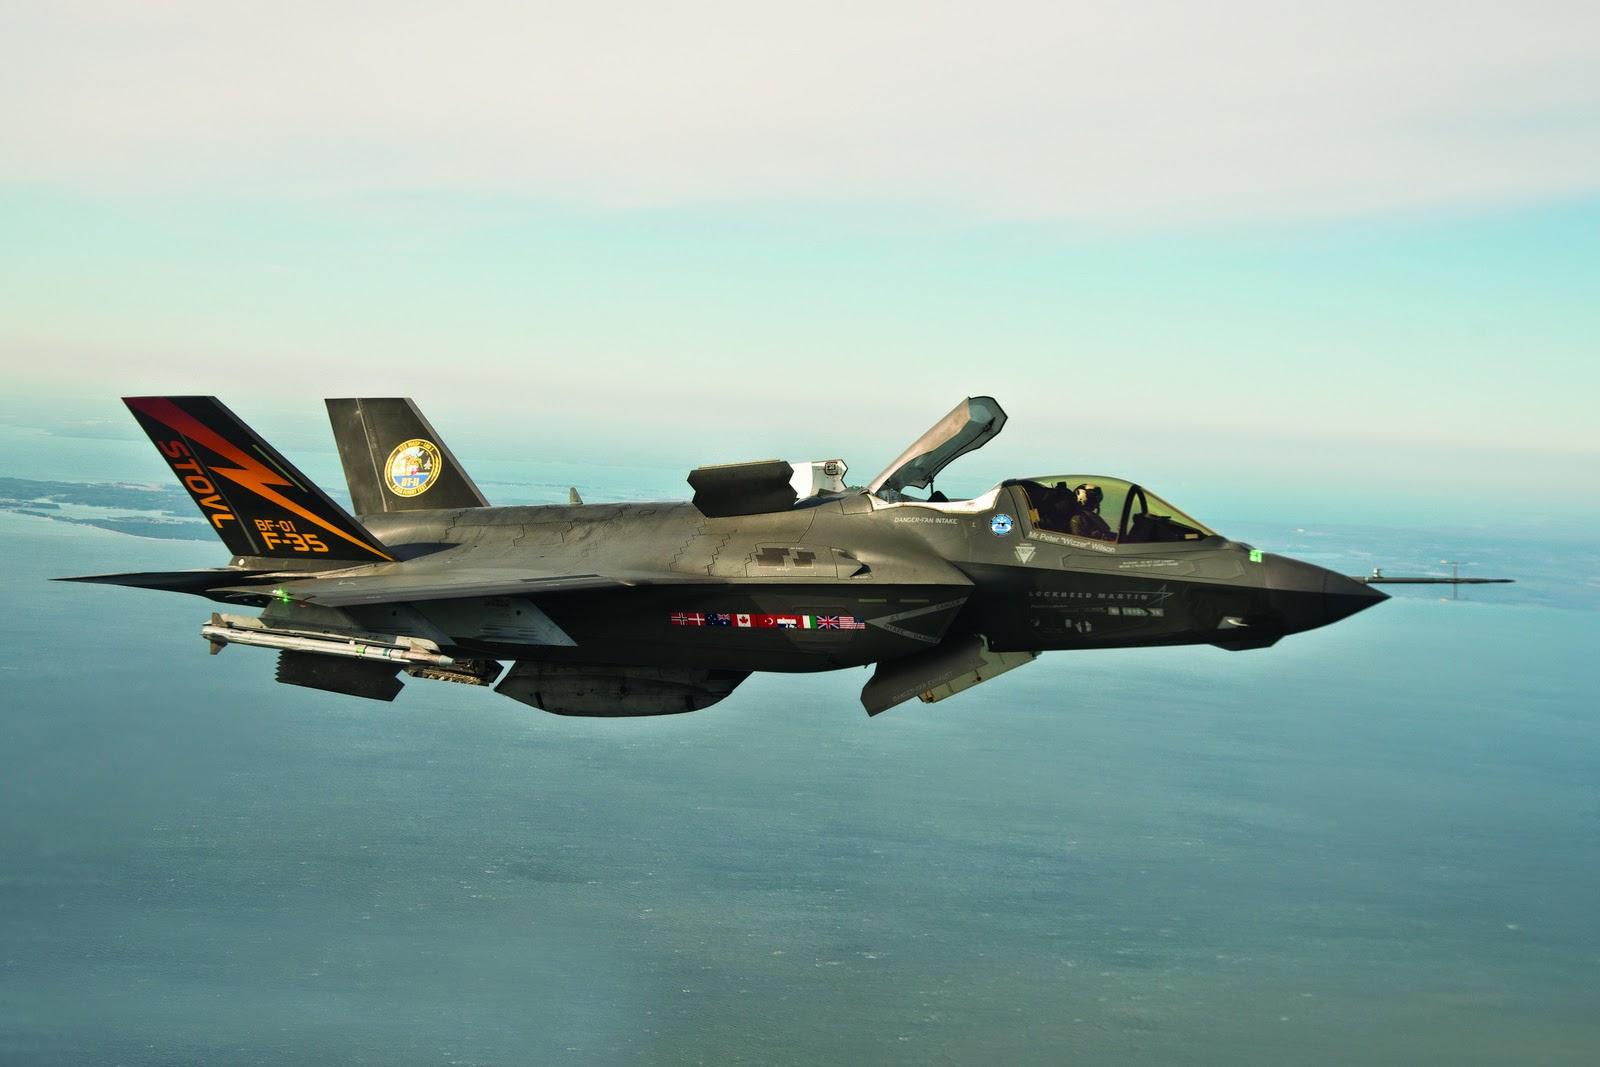 Acima:O modelo F-35B é a versão de decolagem curta e pouso vertical do F-35. nele, o motor principal gira o bocal de escape a 90º para baixo, enquanto que um pequeno turbofan montado atrás da cabine faz a sustentação da frente da aeronave nas decolagens e pousos.